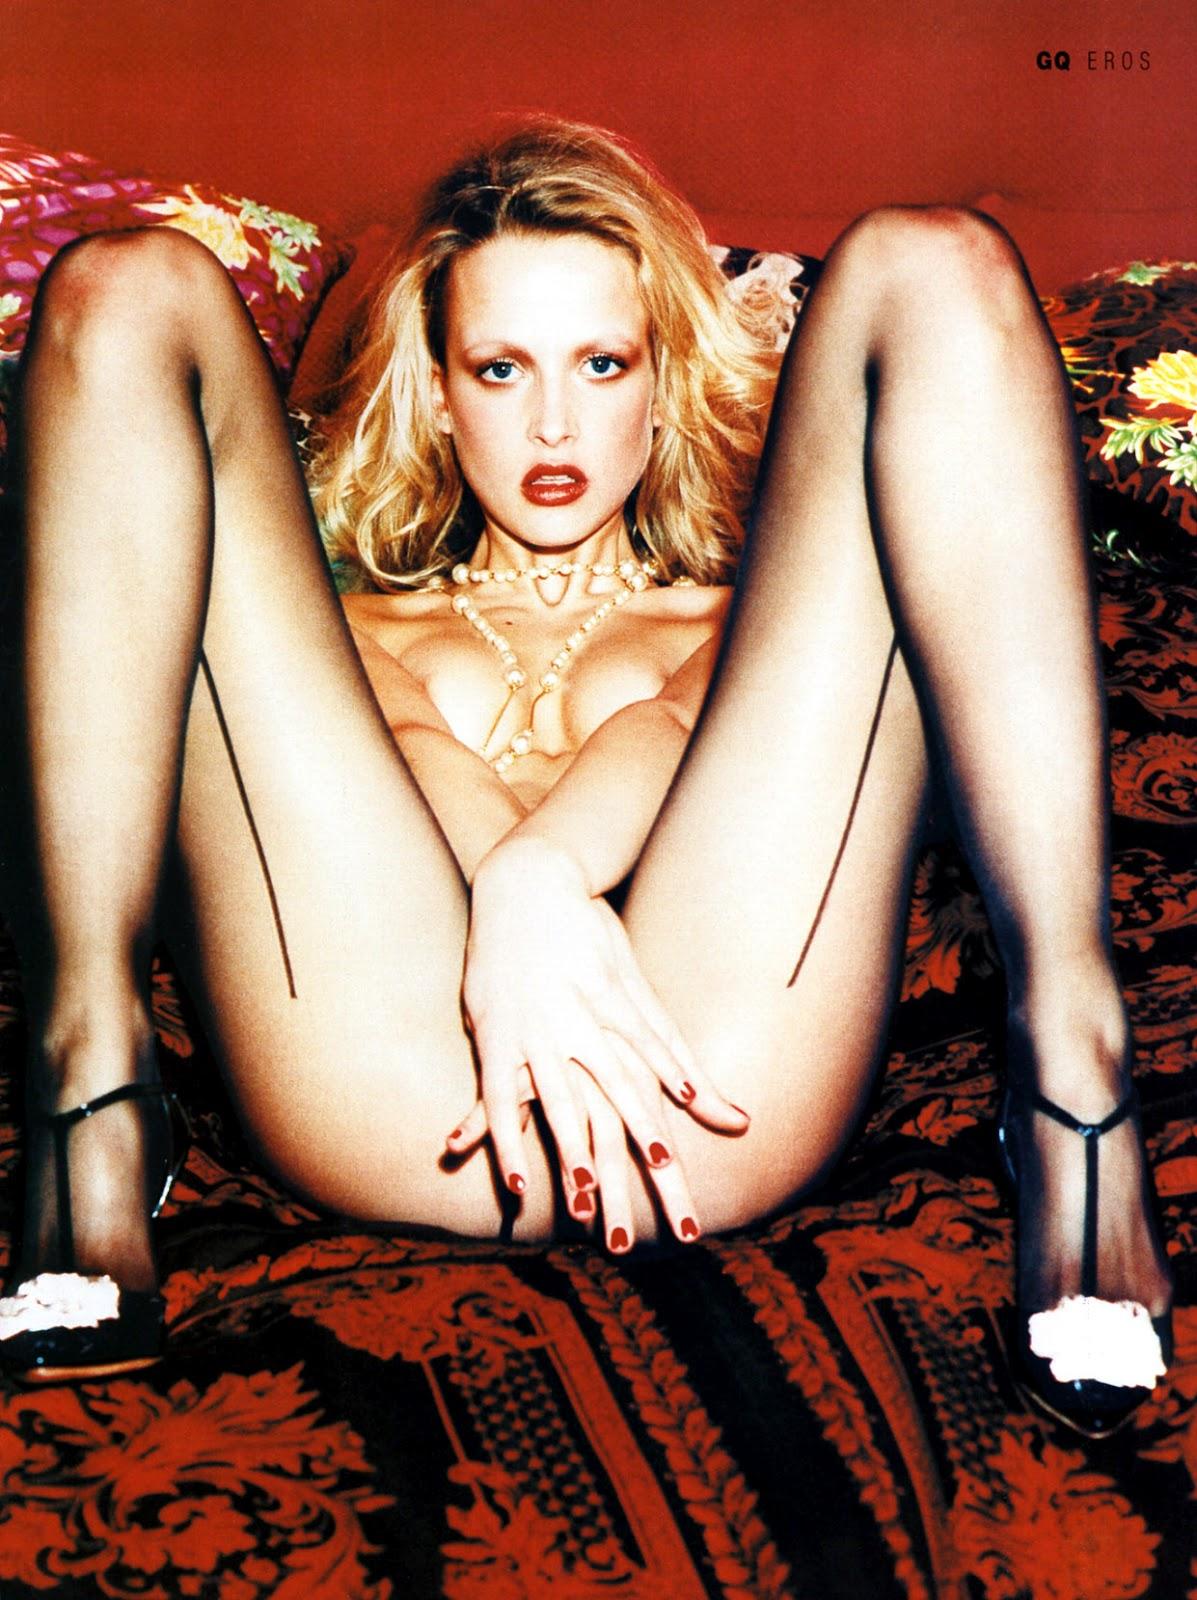 http://1.bp.blogspot.com/-6lBMxC9dYhg/T64t0wgDOjI/AAAAAAAAAh8/Dtq_PyK2HsQ/s1600/Fraulein.jpg